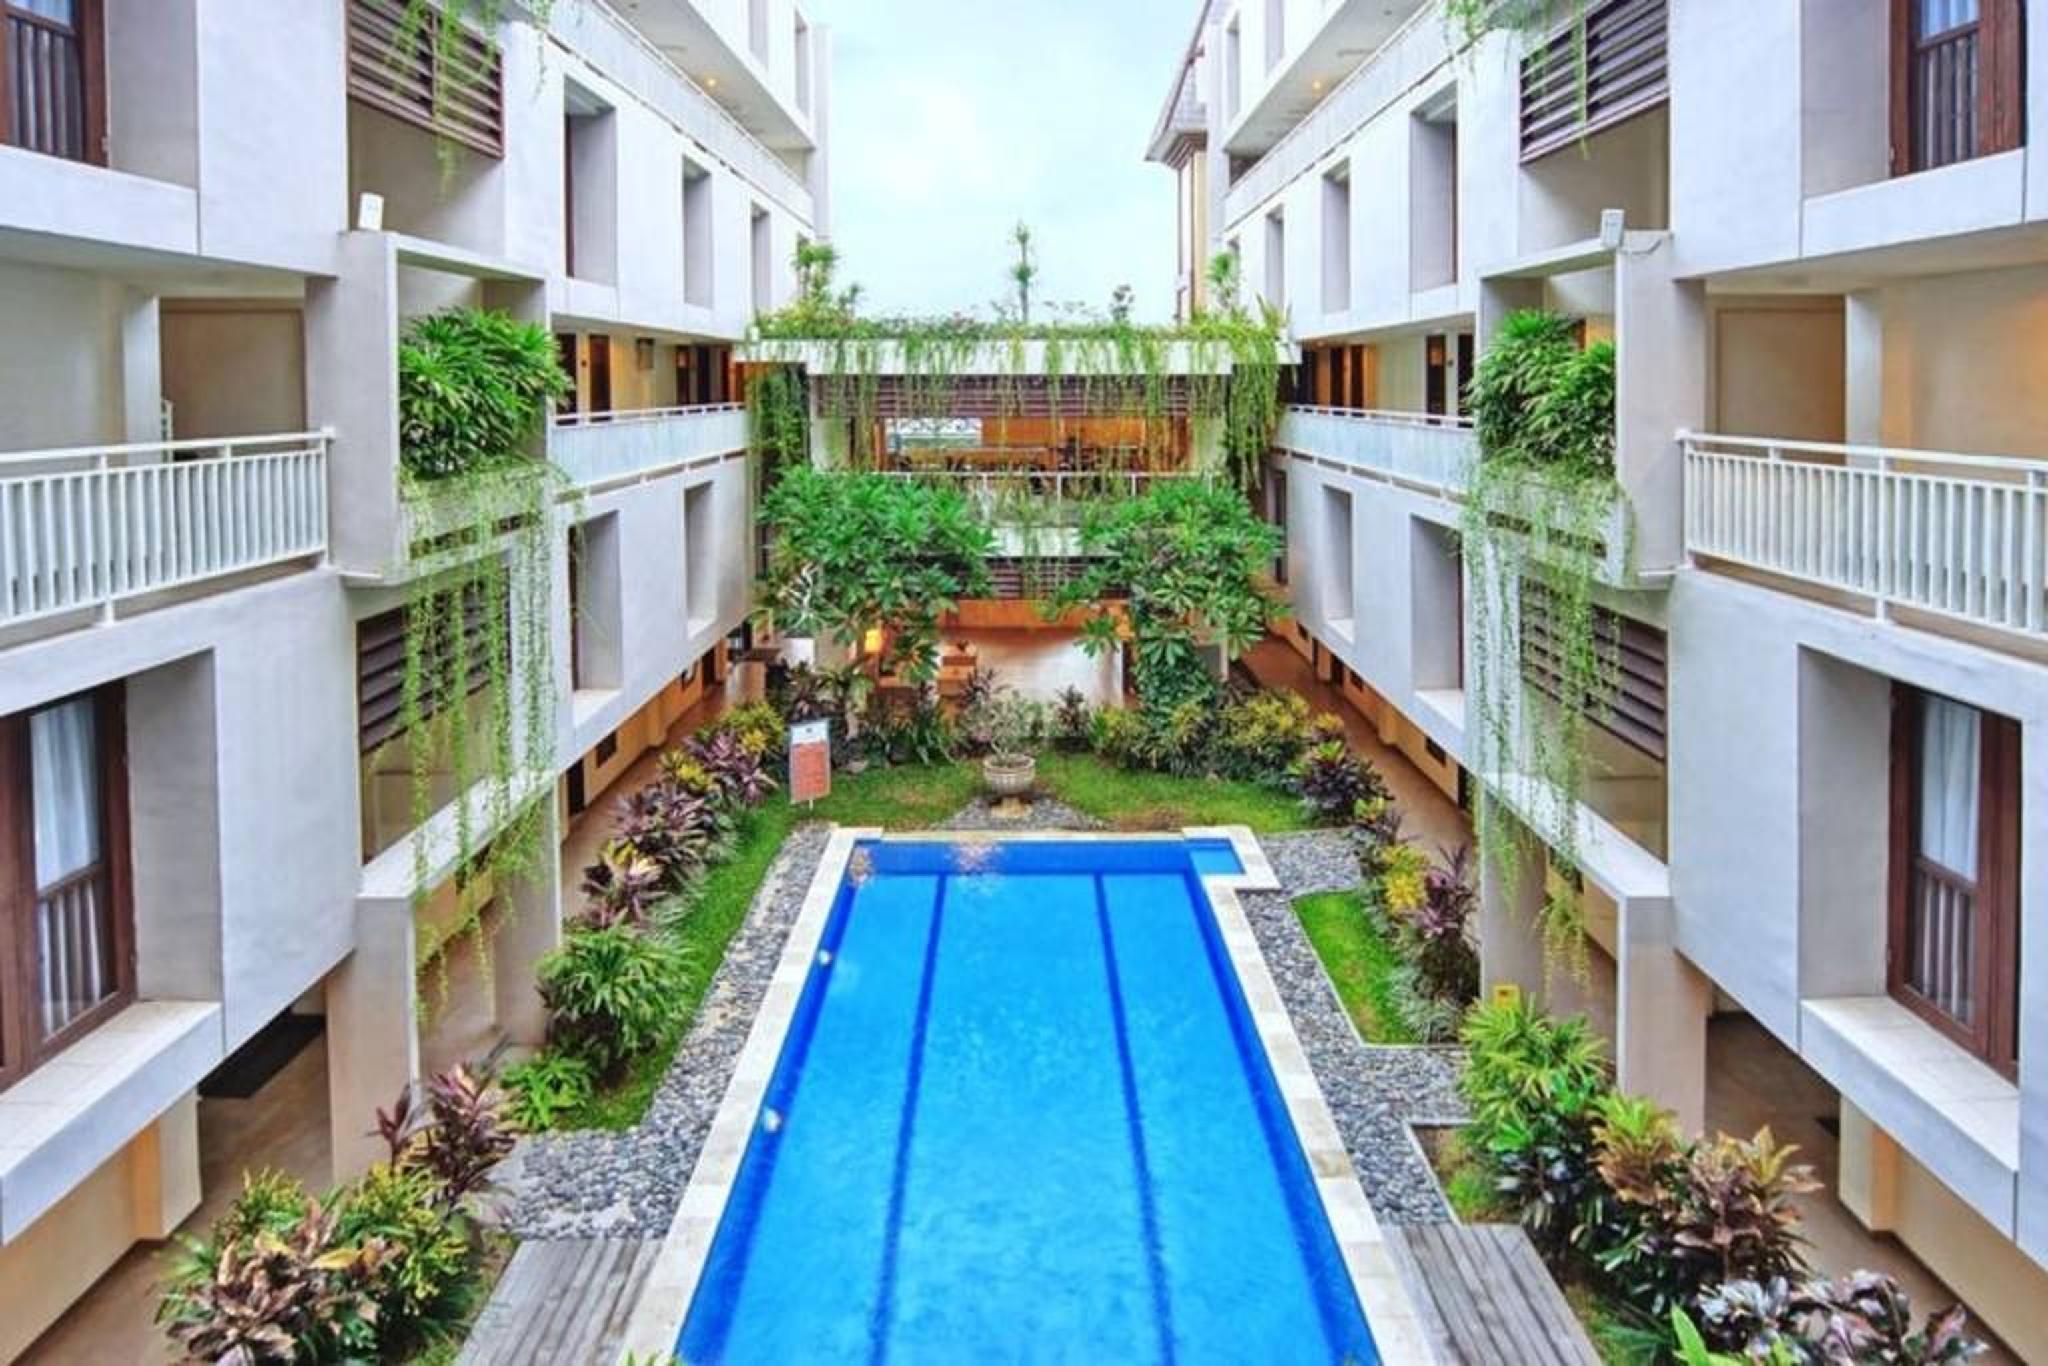 #Deluxe 1 Bdr residence4 #4 Adult #Legian-Seminyak